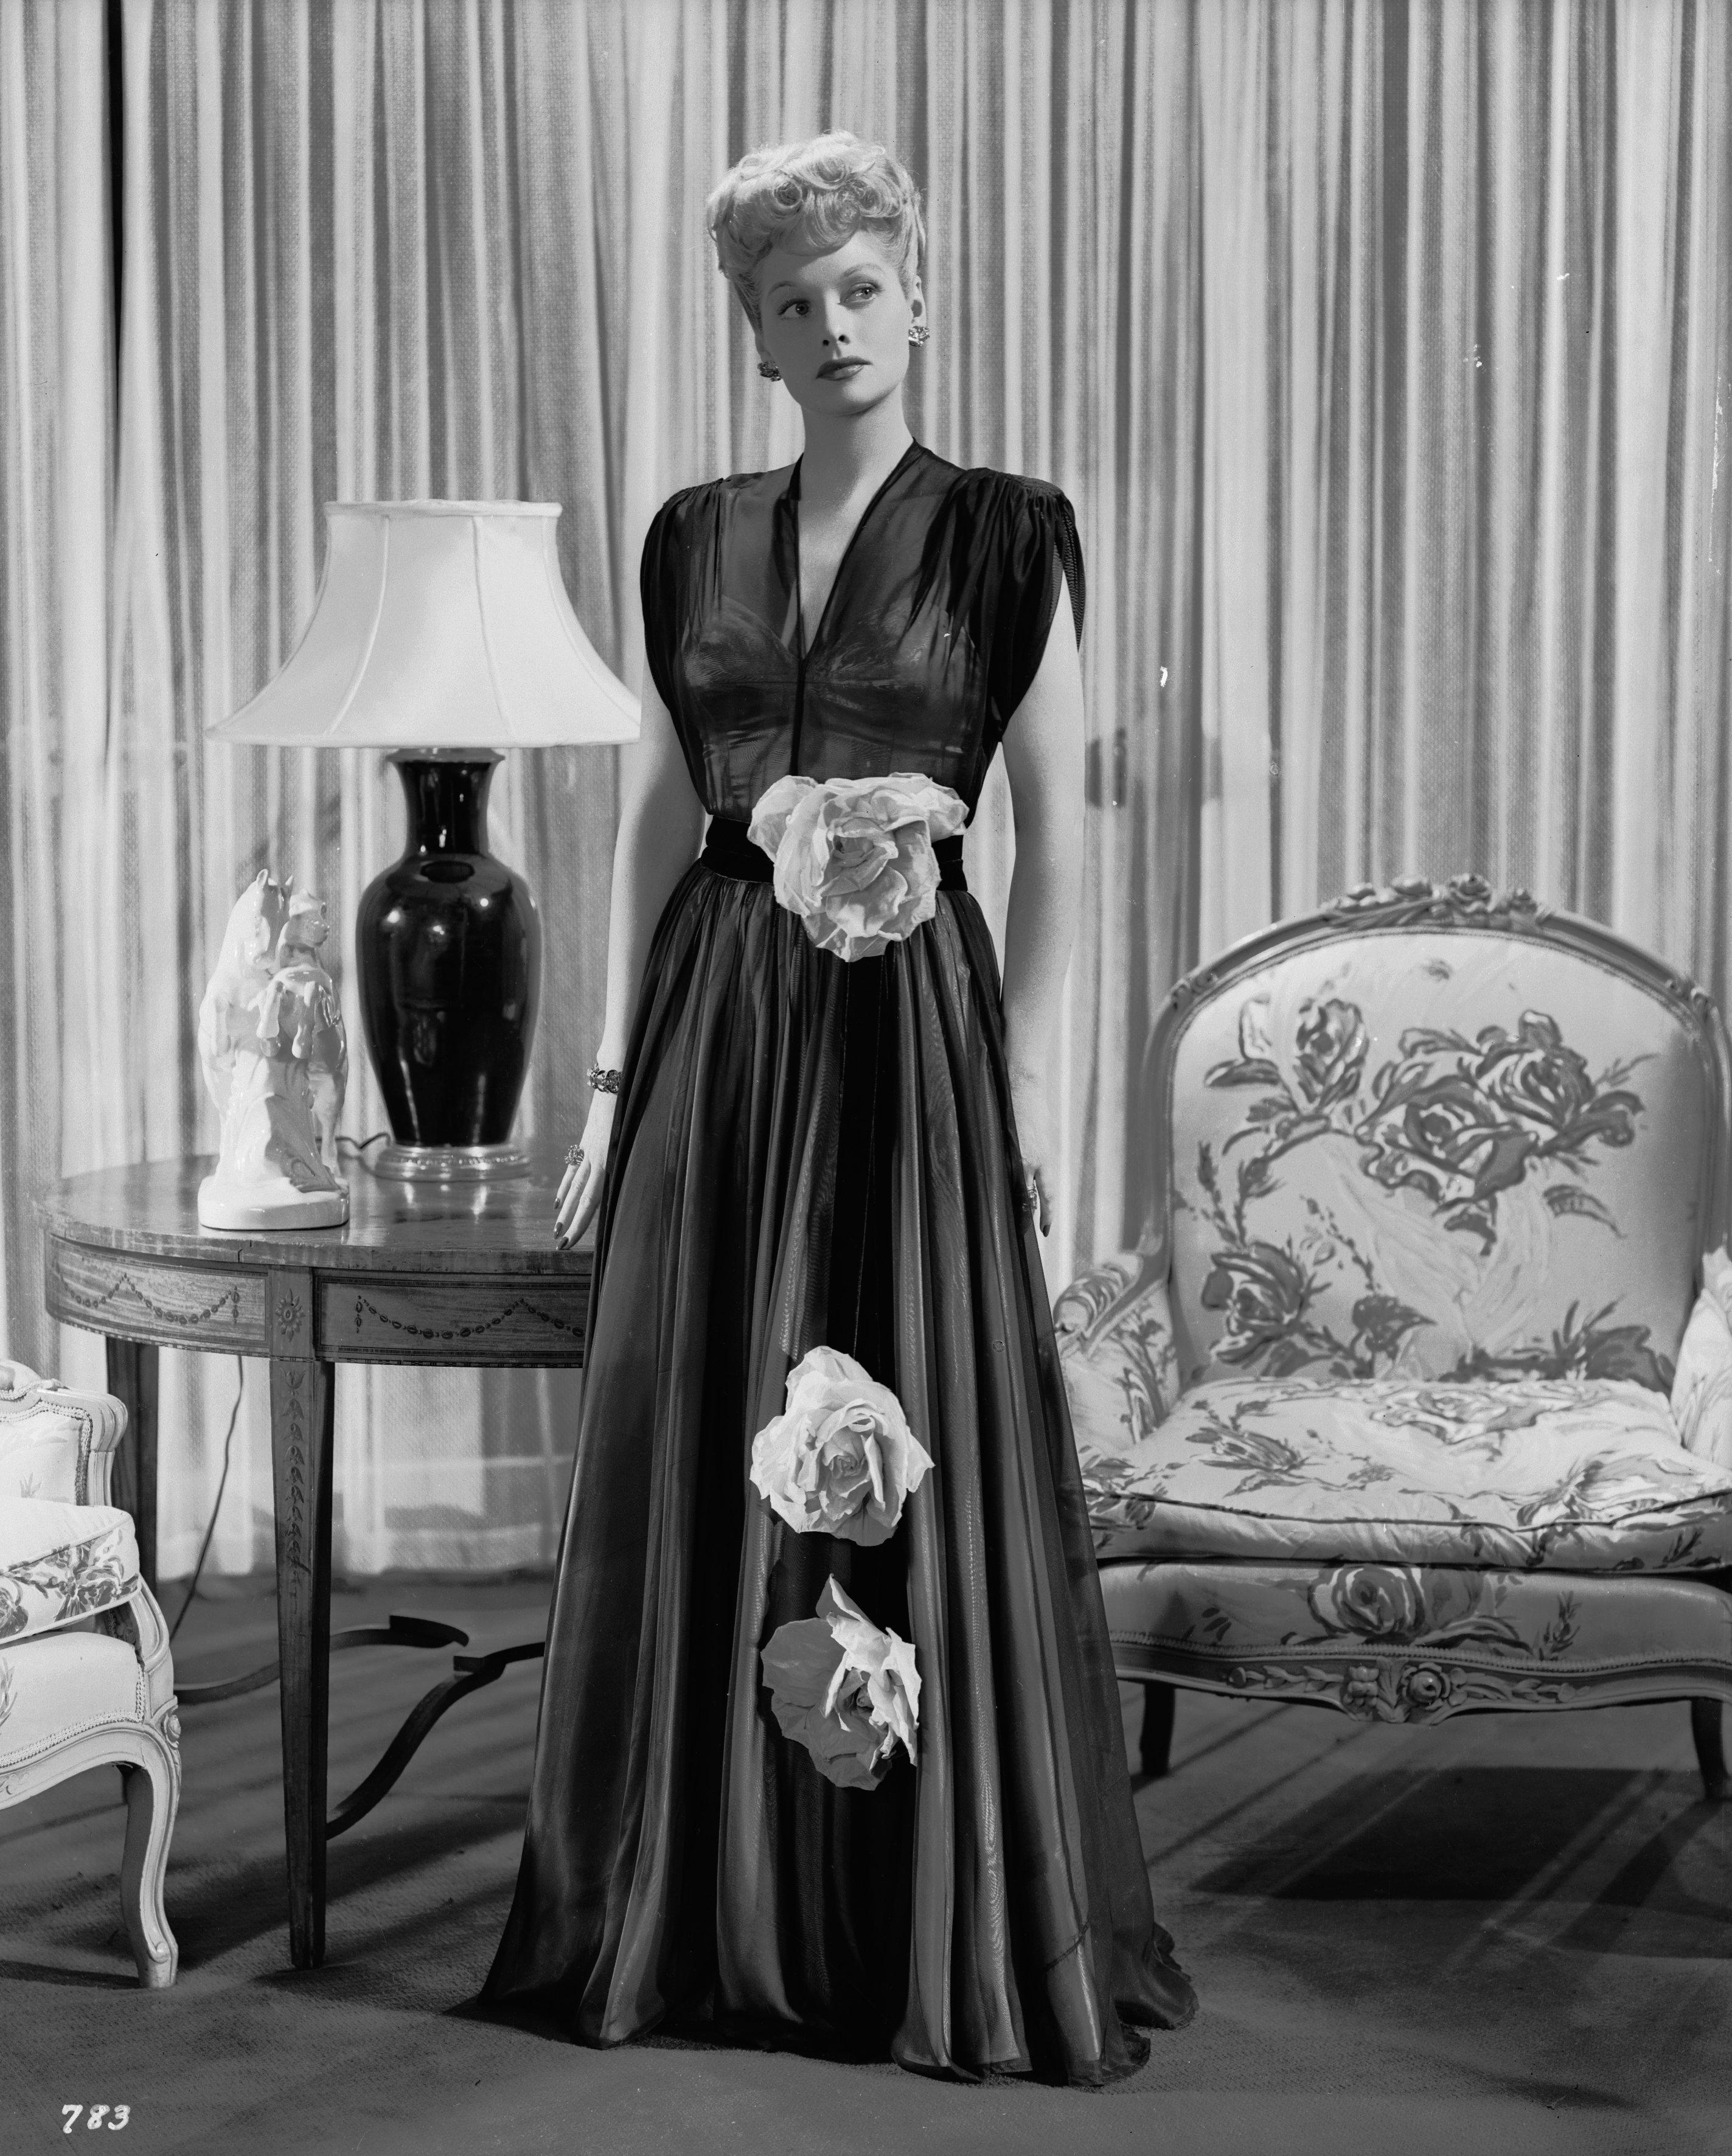 Ball wearing an evening gown.